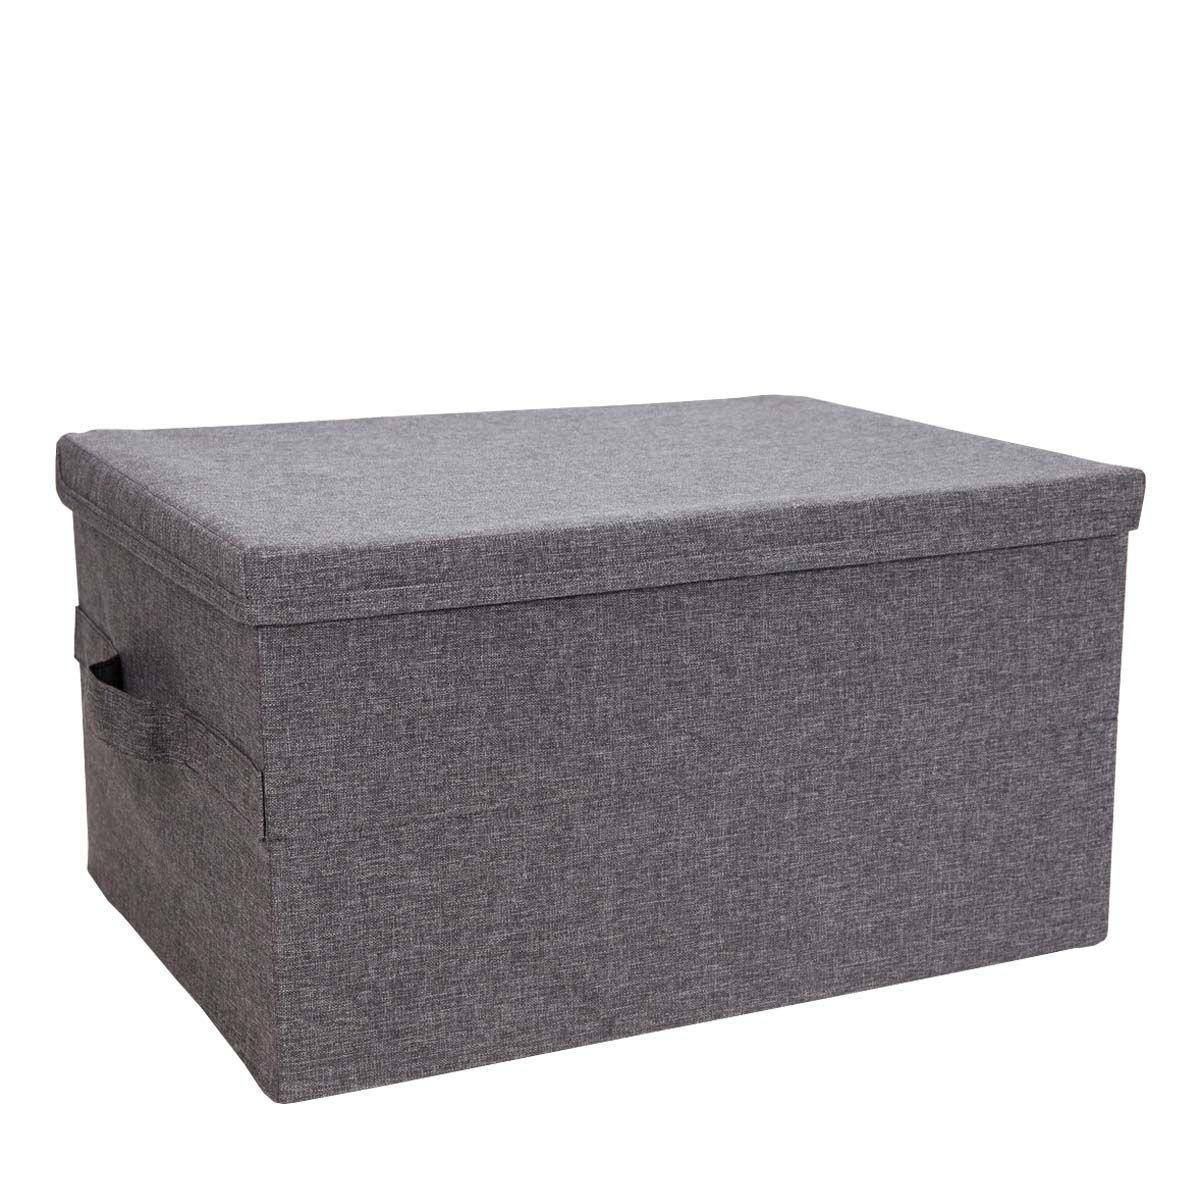 Boîte de rangement en tissu gris rigide et pliable avec couvercle- 25x35x45